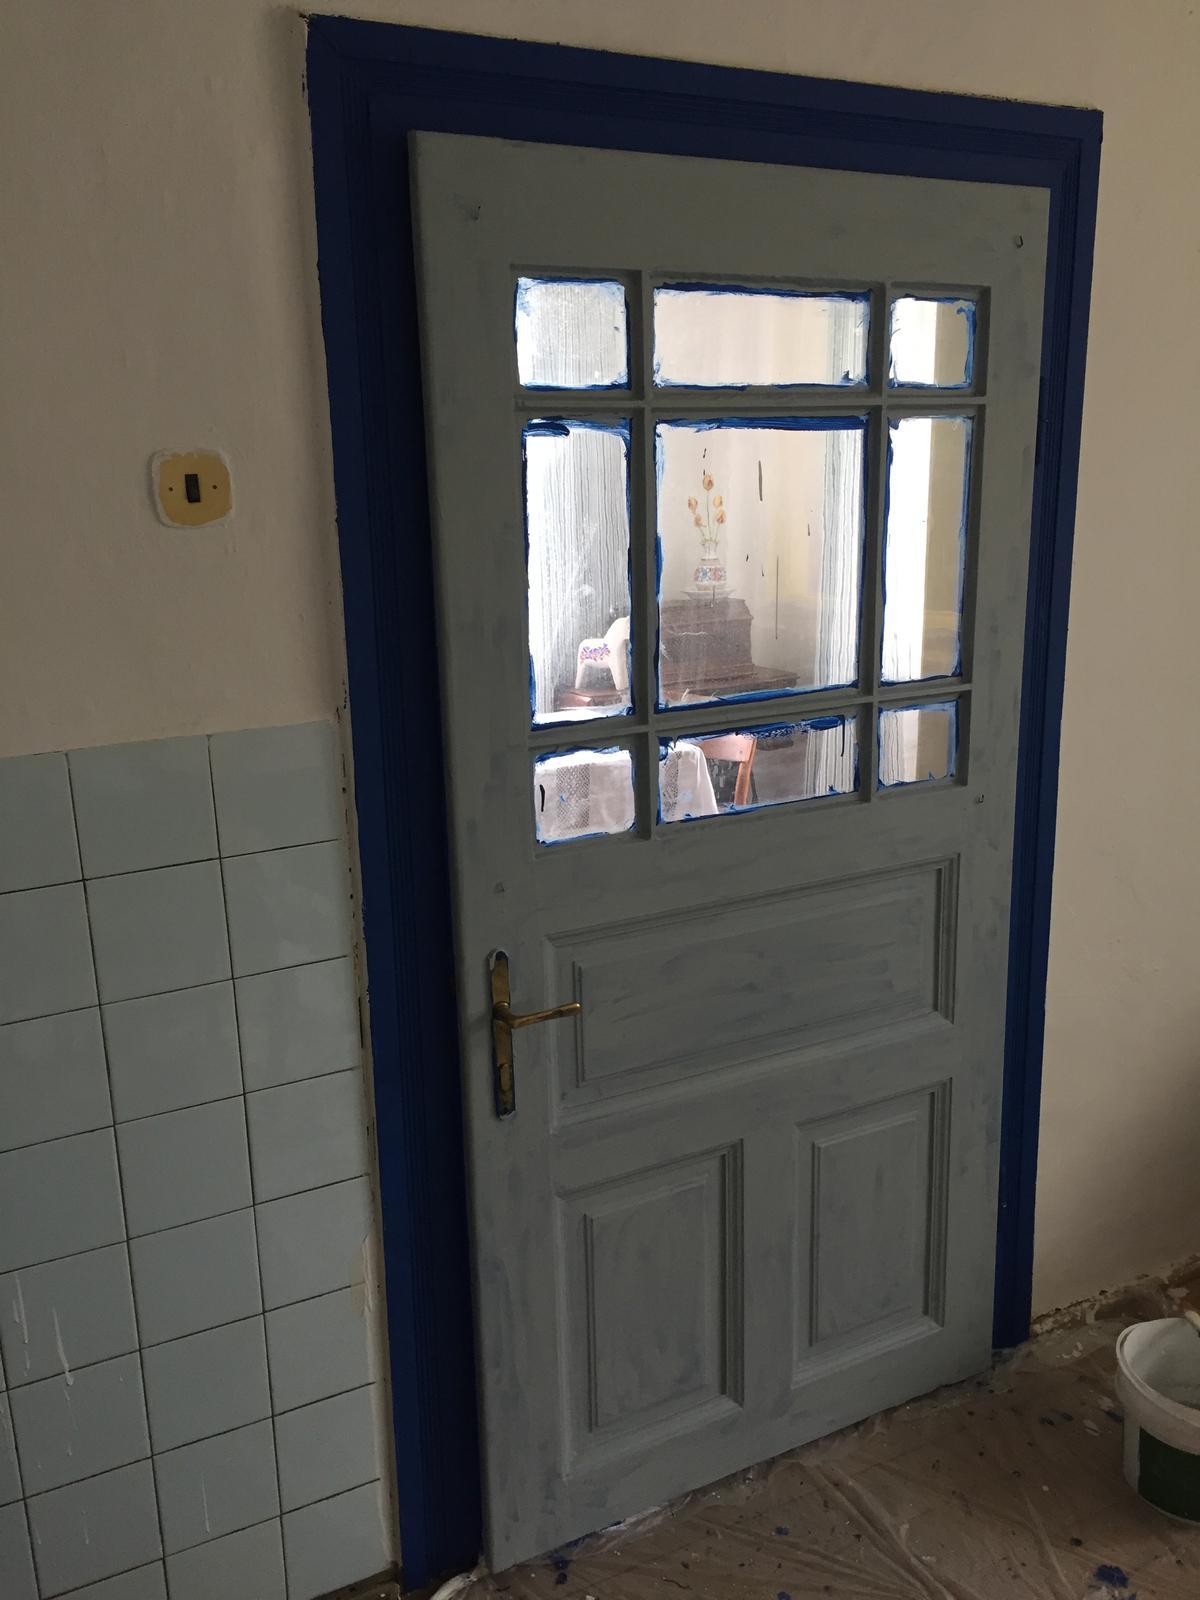 Perníková chalúpka - dvere este v procese...   povodne mali byt modre, ale nebolo to ono tak premaluvam na sedo ;)